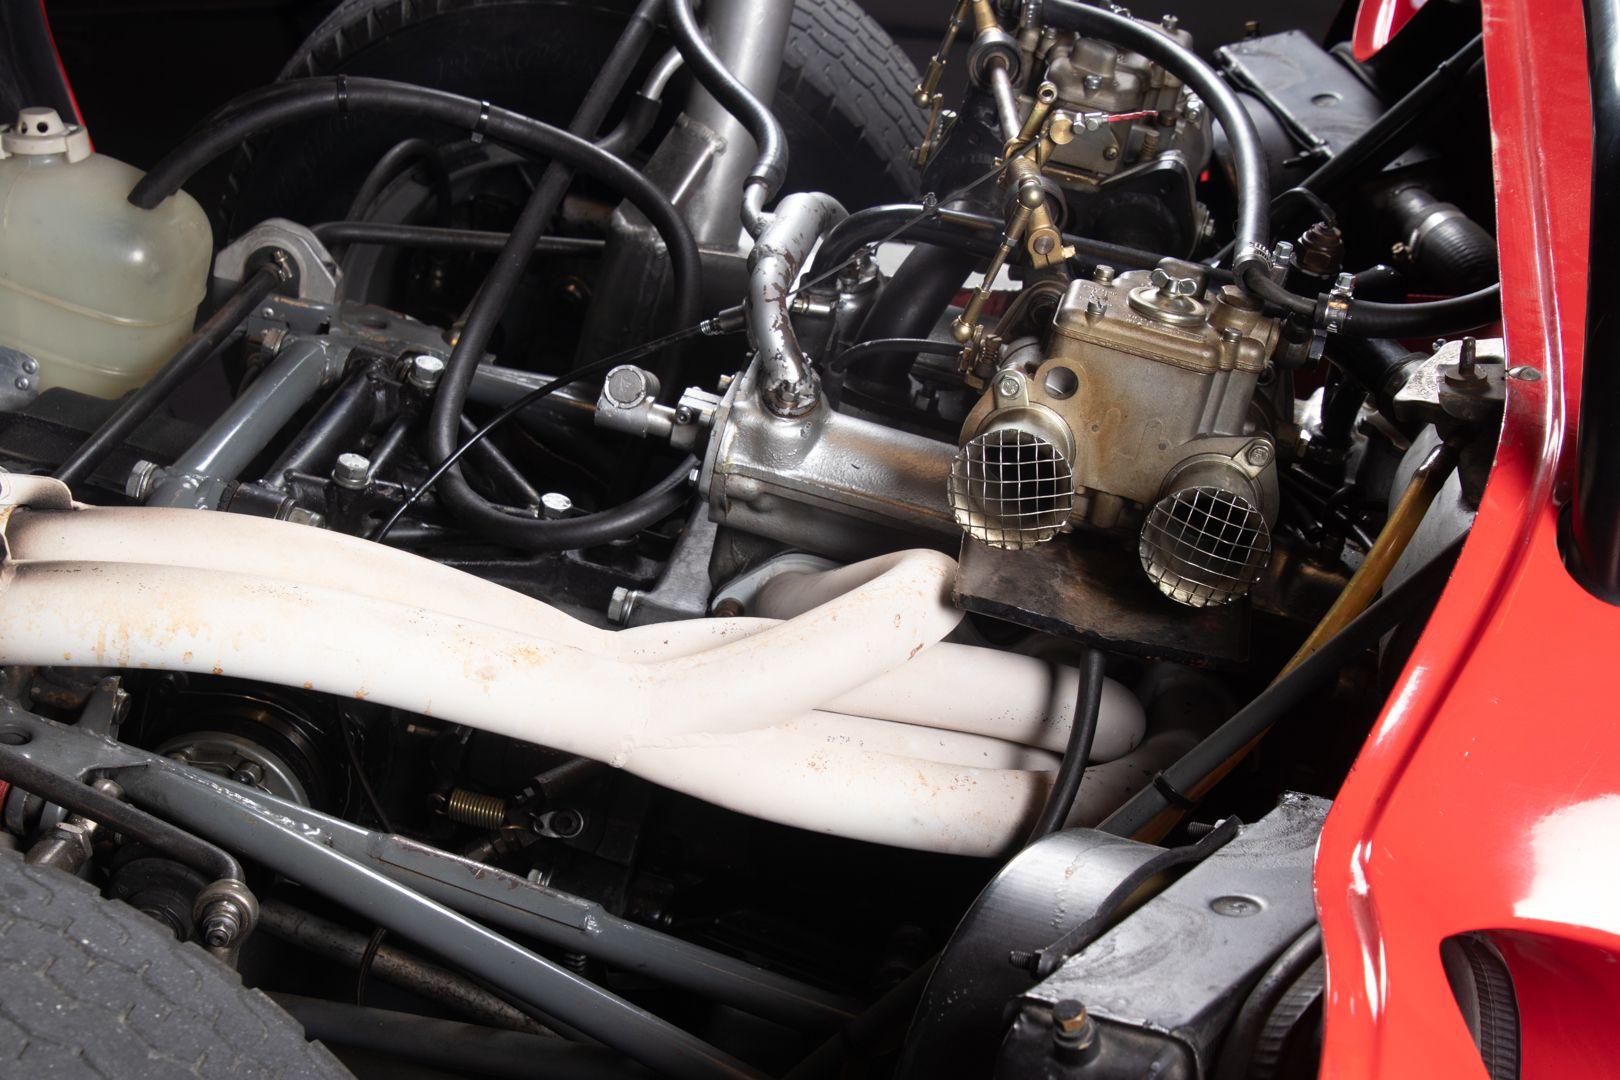 1968 Abarth 1000 SP sport prototipo 23598